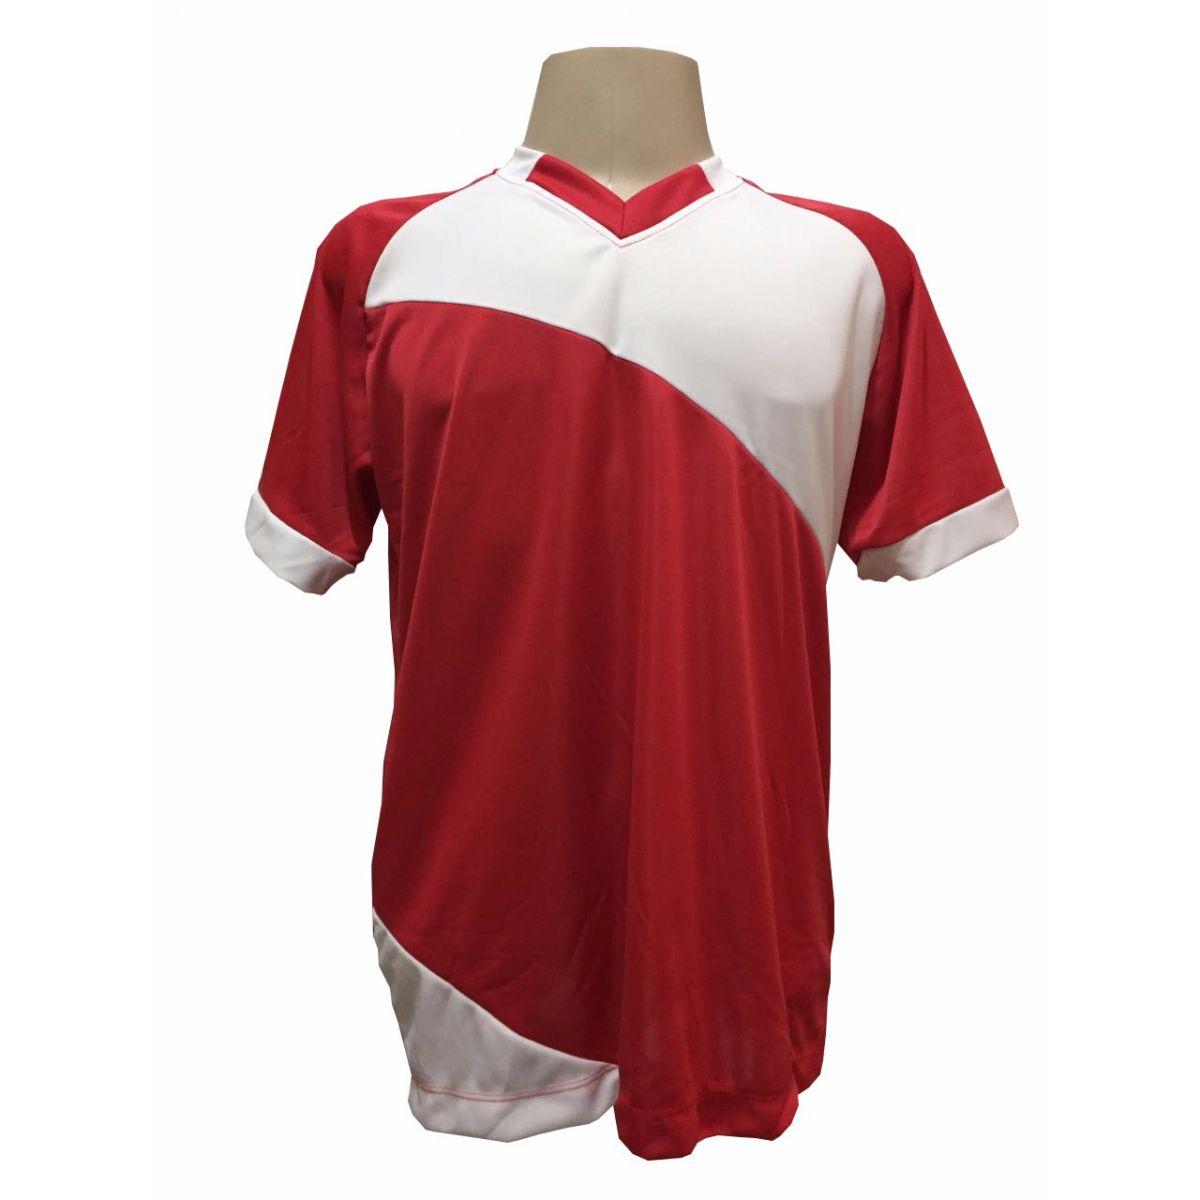 Fardamento Completo modelo Bélgica 20+1 (20 camisas Vermelho/Branco + 20 calções modelo Copa Vermelho/Branco + 20 pares de meiões Branco + 1 conjunto de goleiro) + Brindes